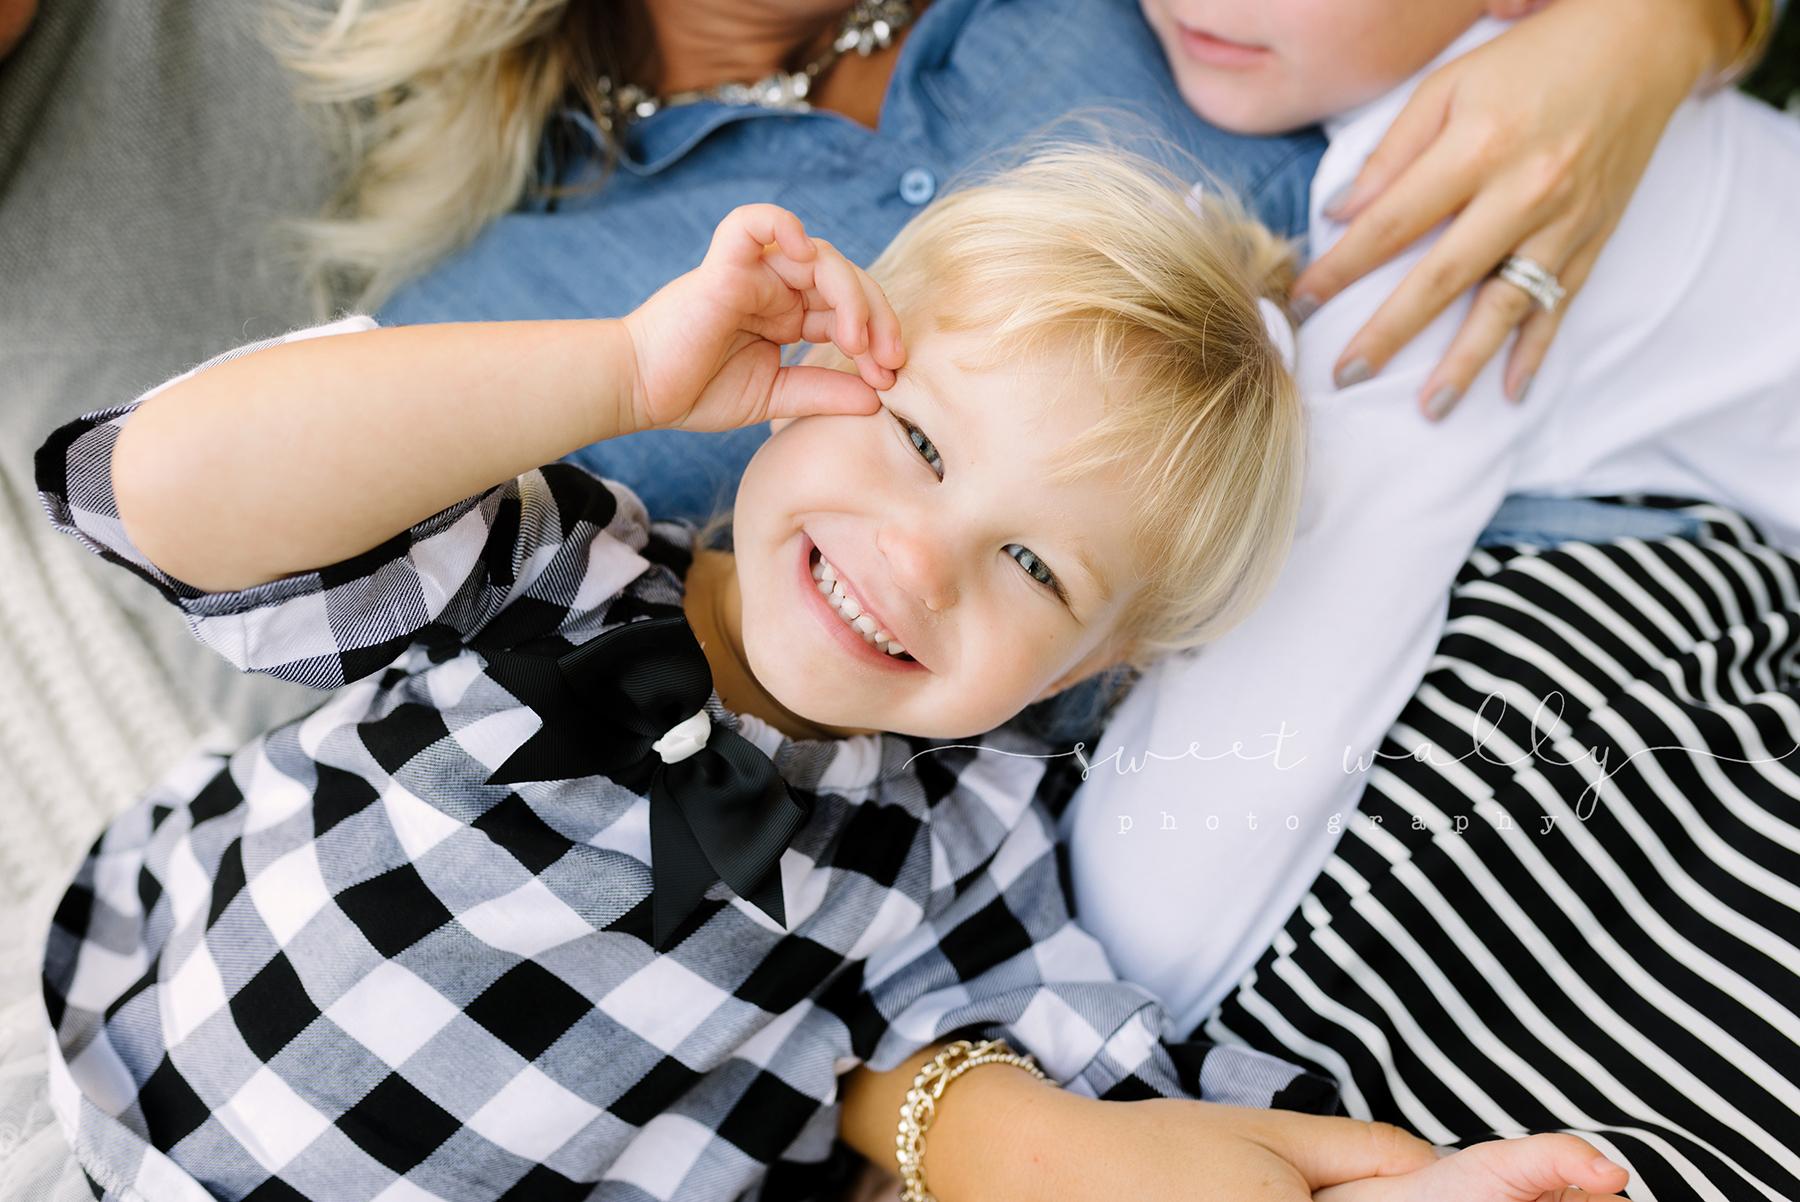 fuqua_family photographer in nashville.jpg